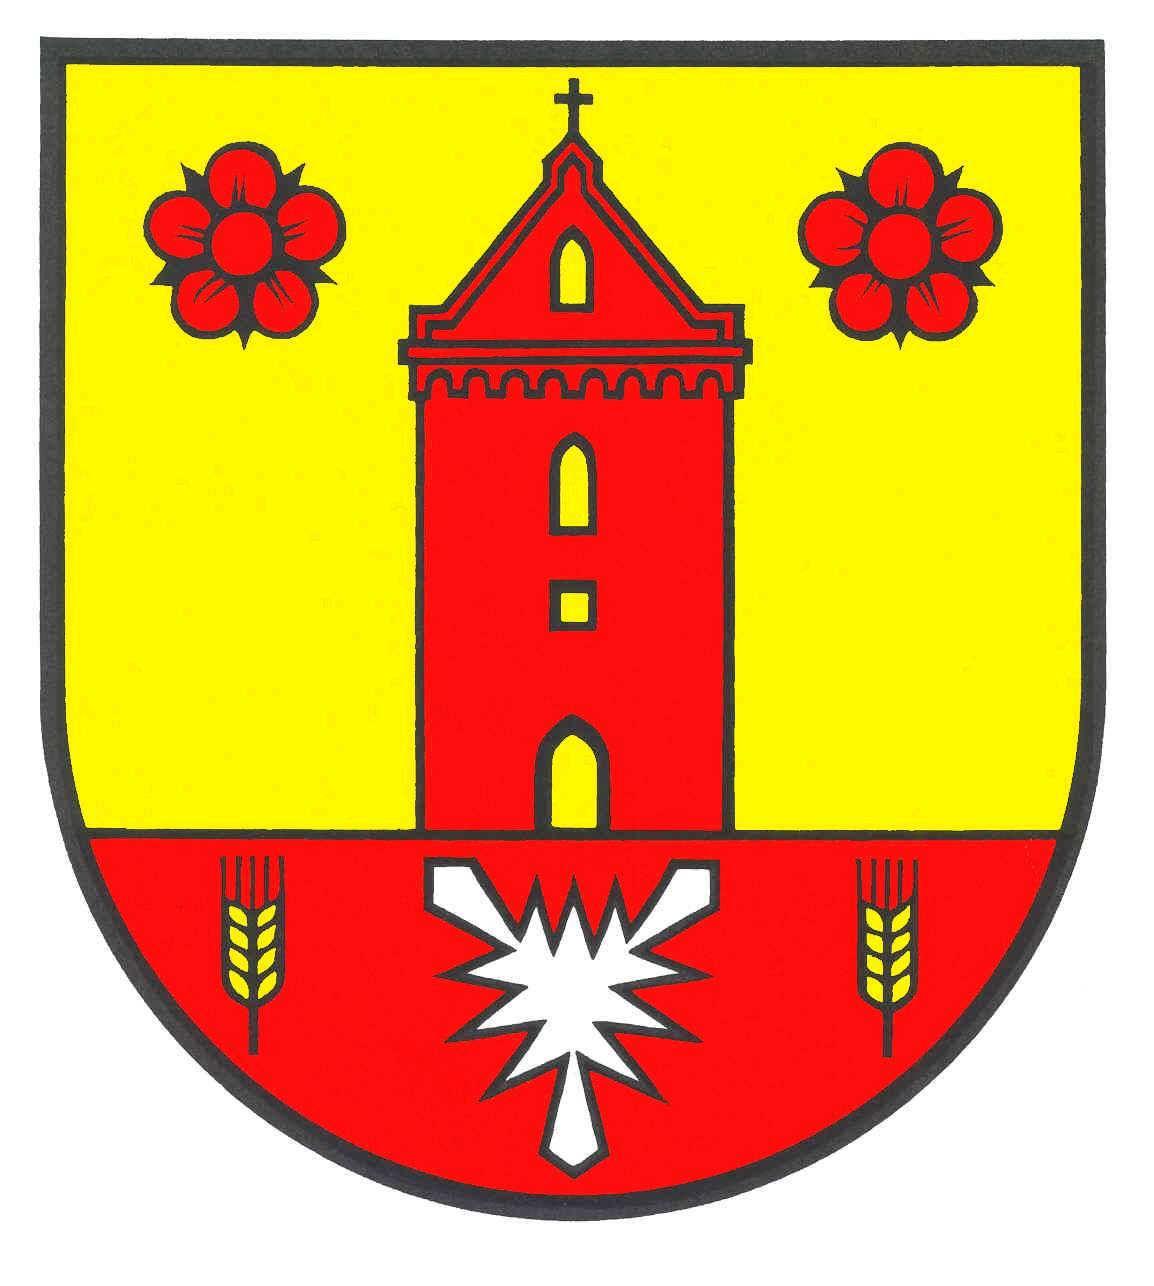 Wappen GemeindeSchönkirchen, Kreis Plön